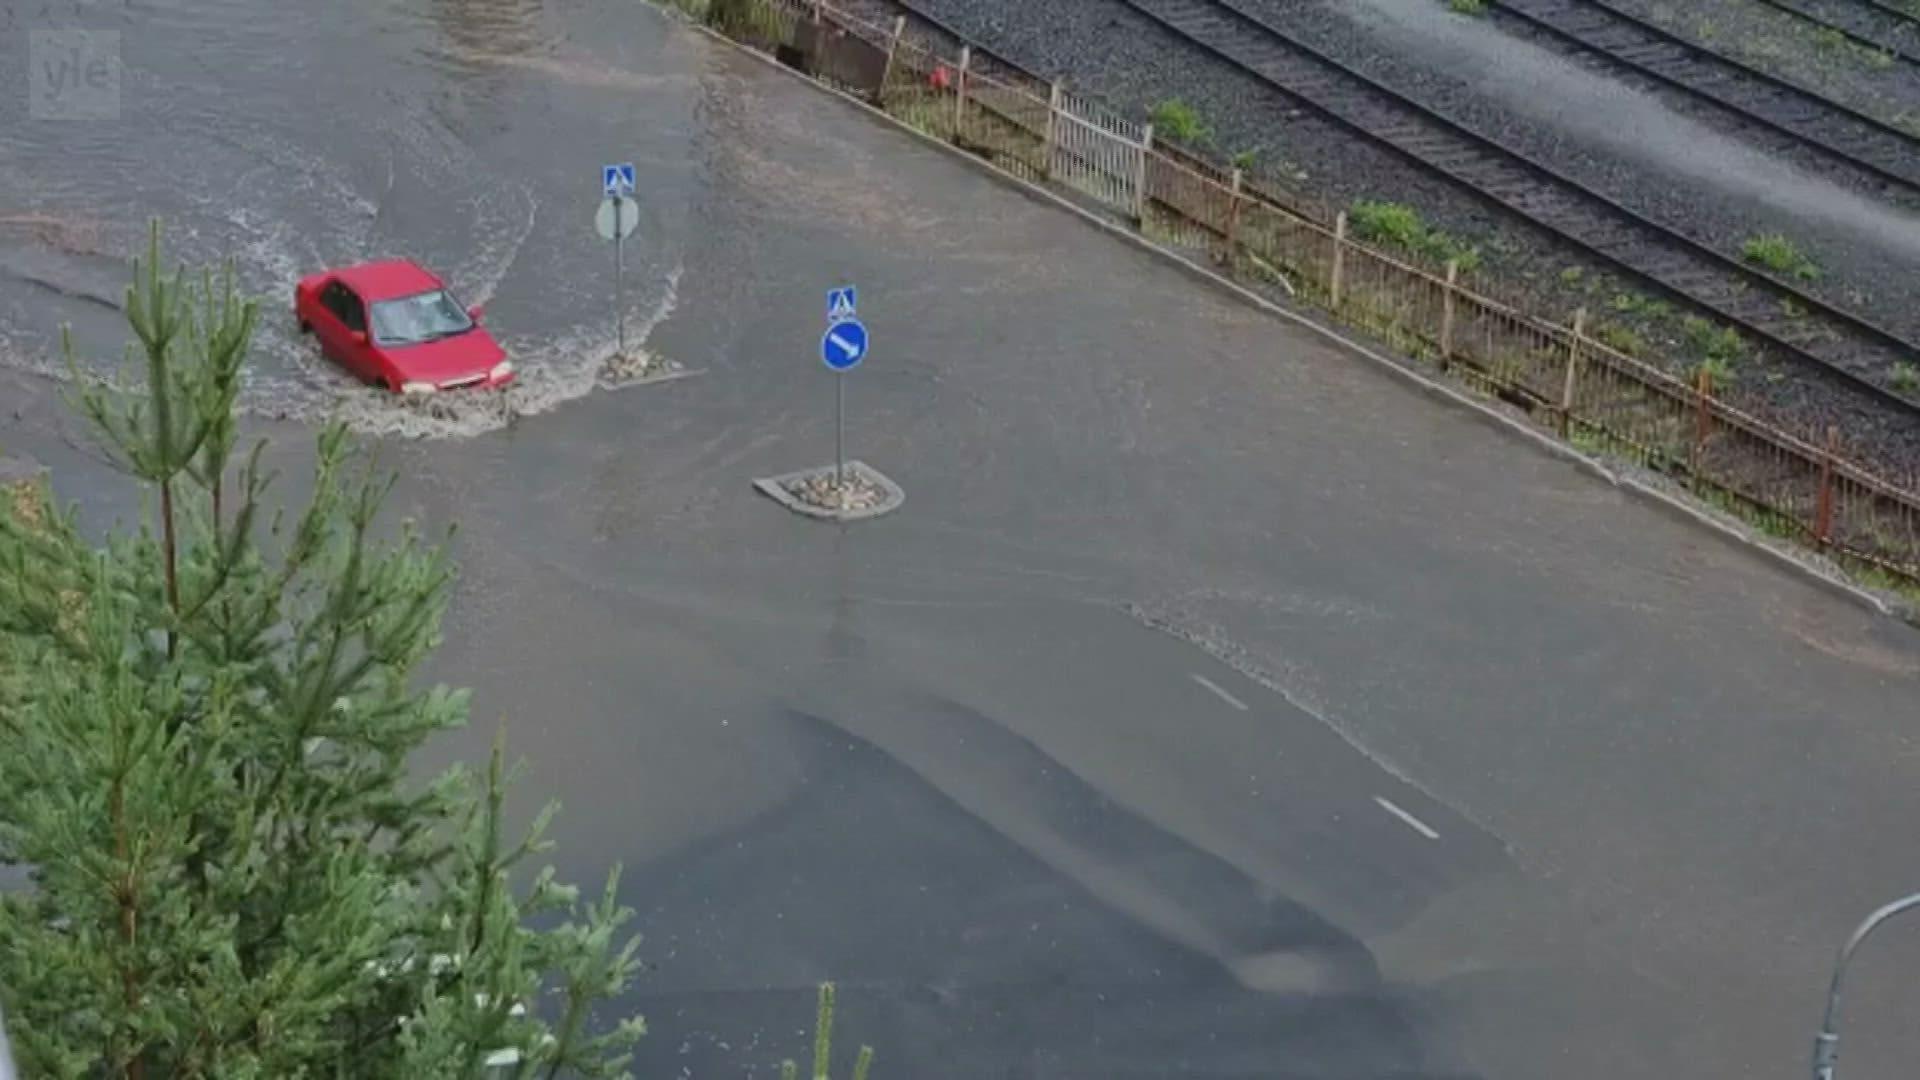 Rankkasade aiheutti hetkellisen tulvan Kuopiossa